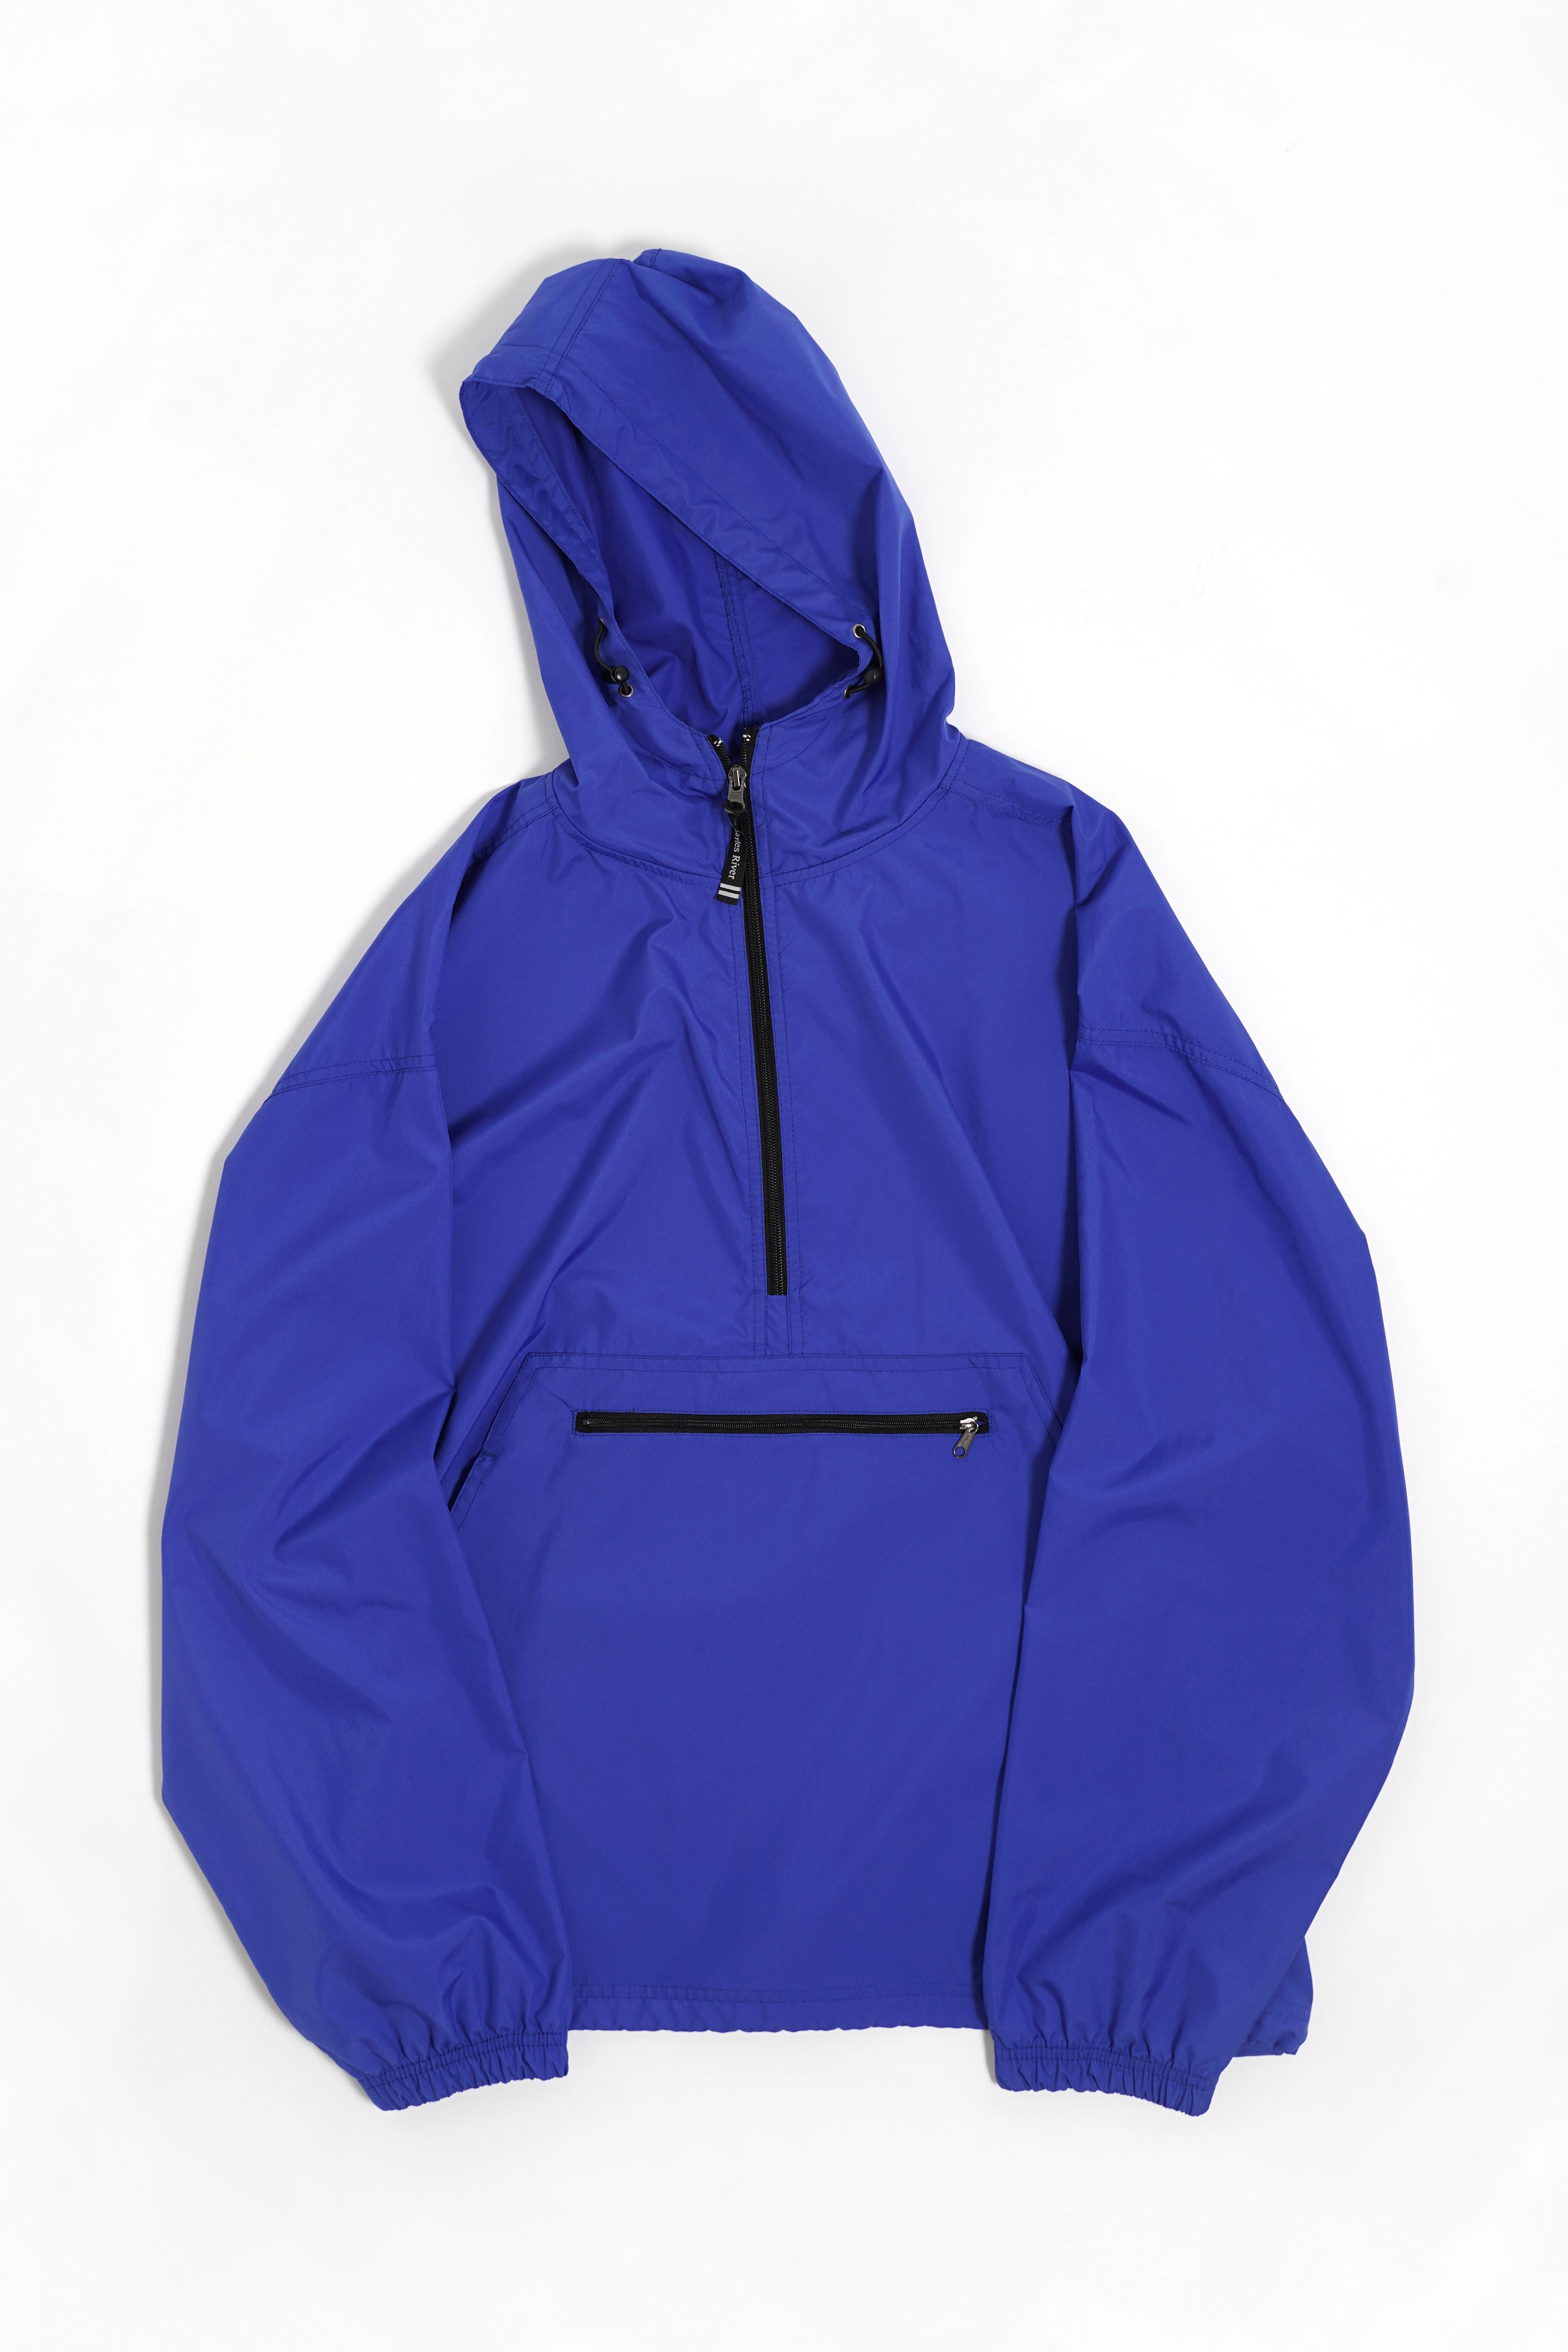 ANORAK JACET BLUE